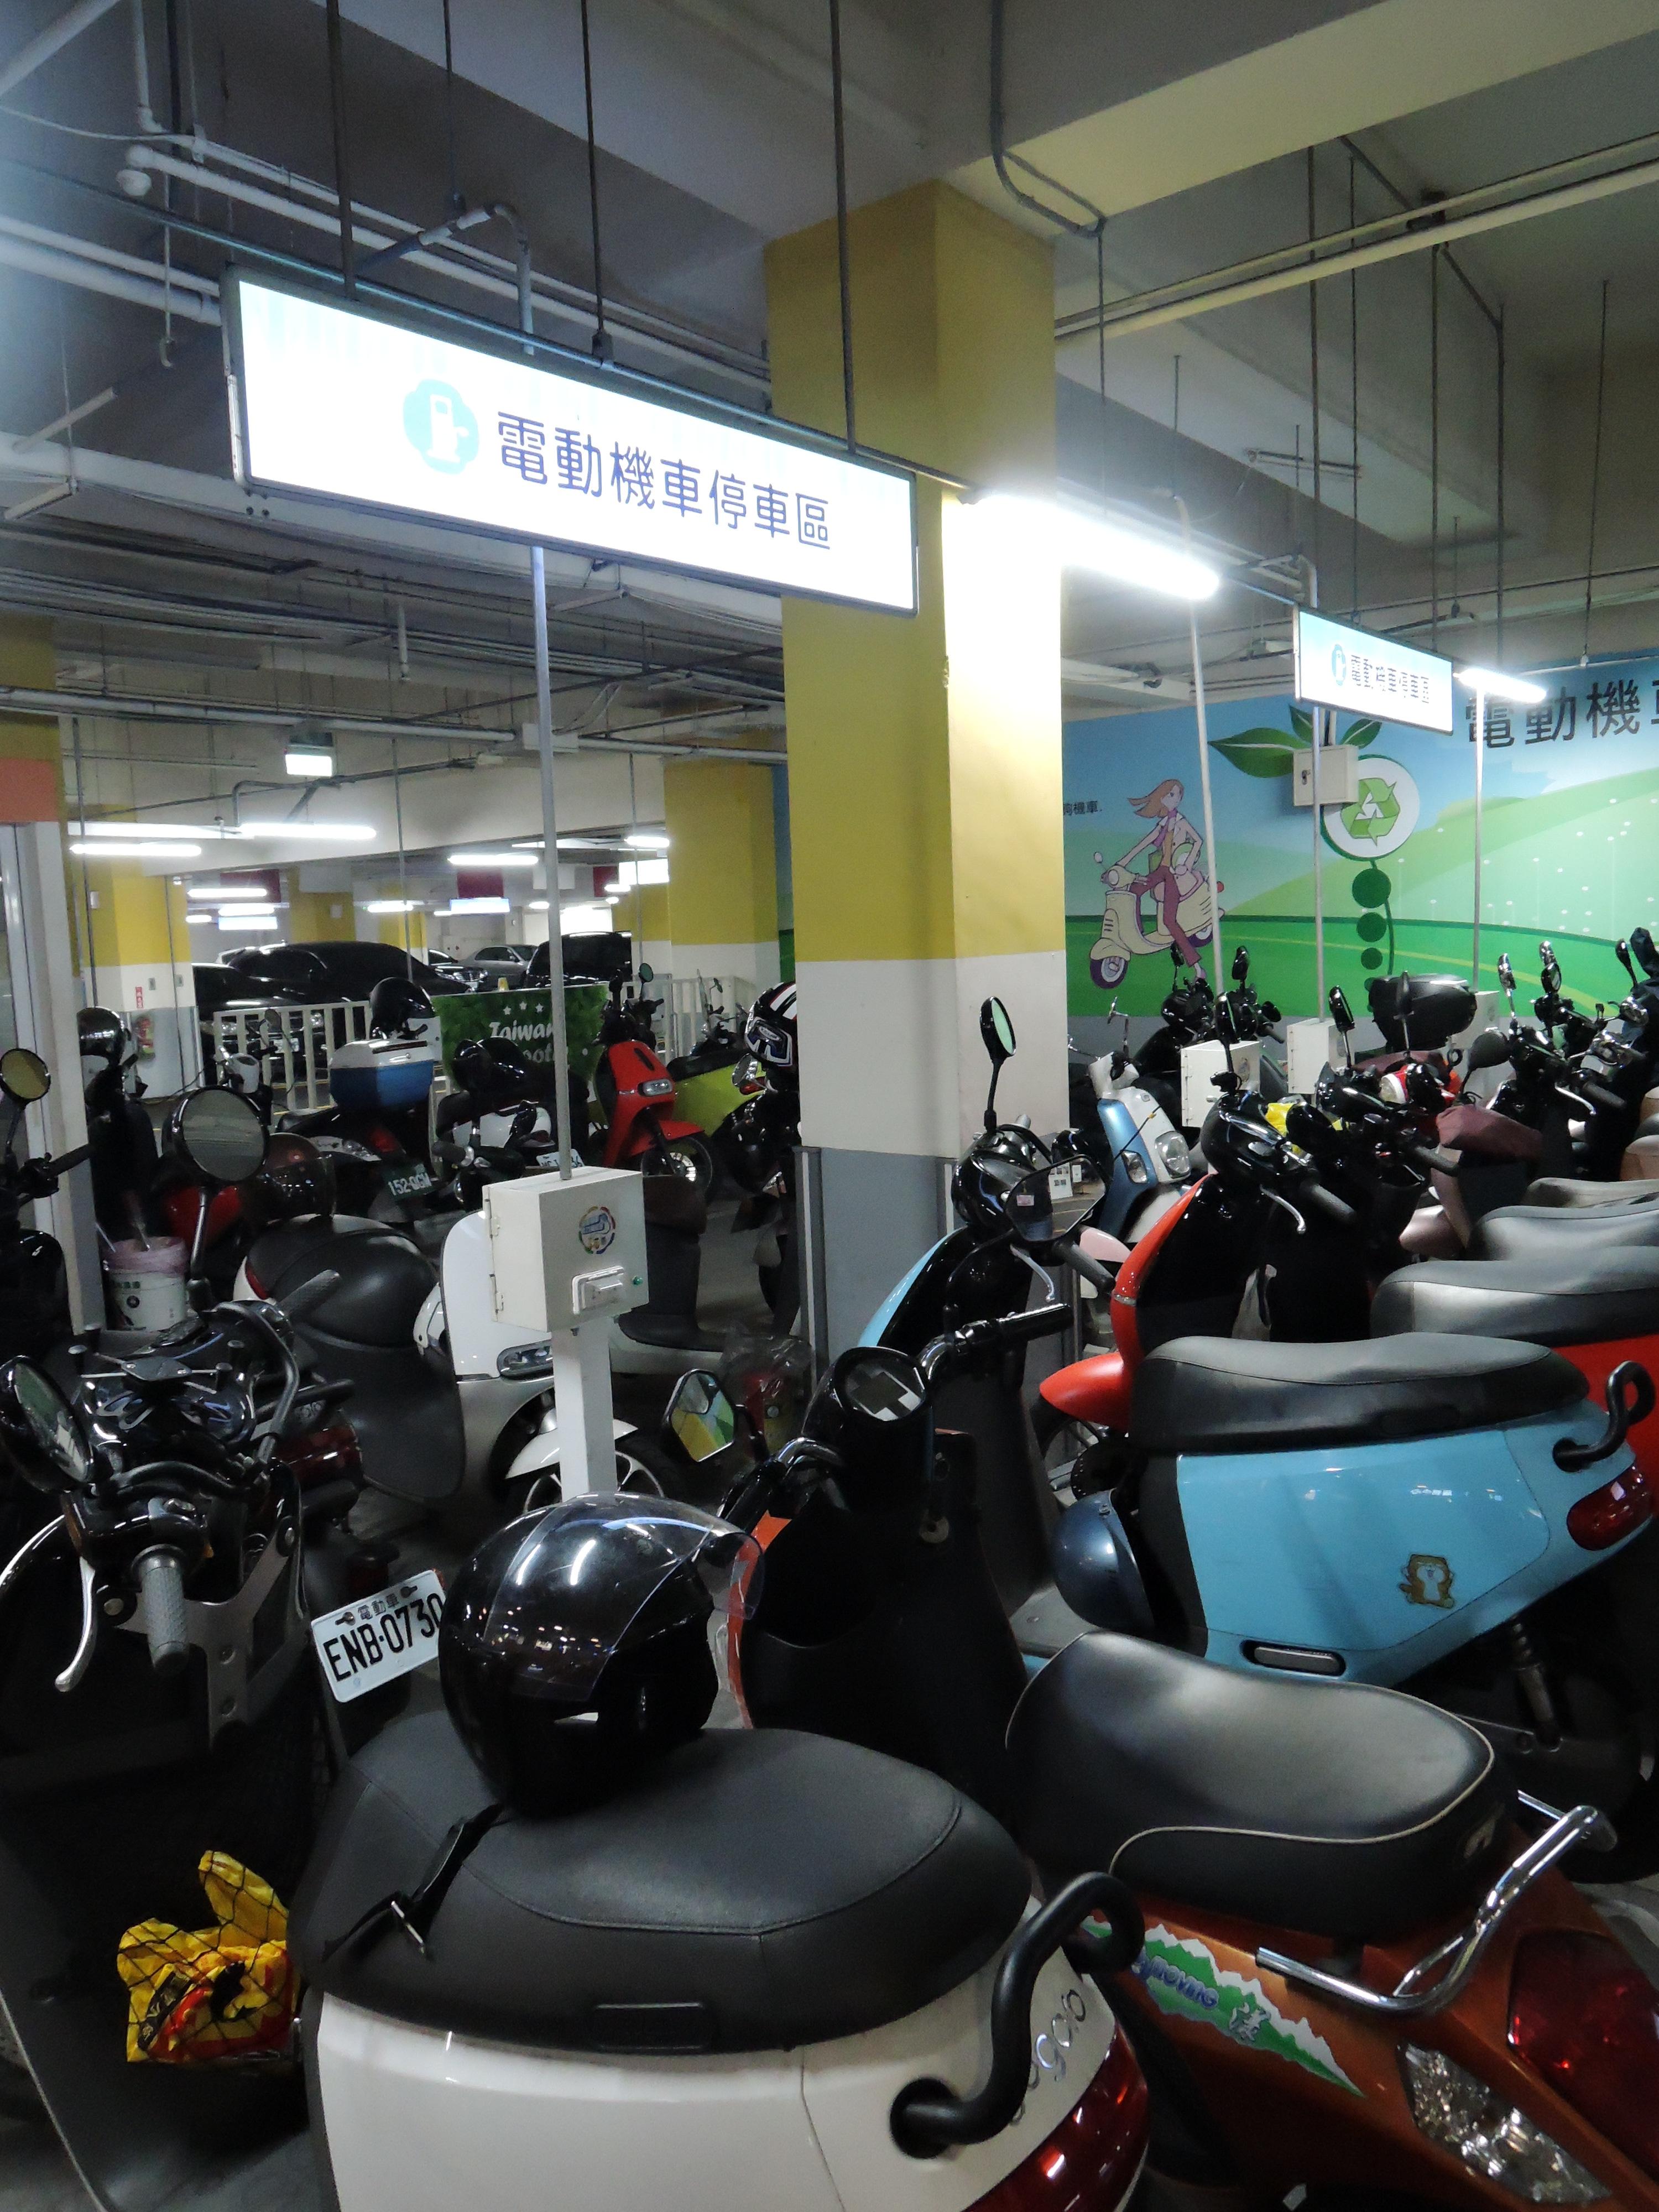 新北市停車場和路邊停車位設有電動機車停車格,有八成滿載使用率。